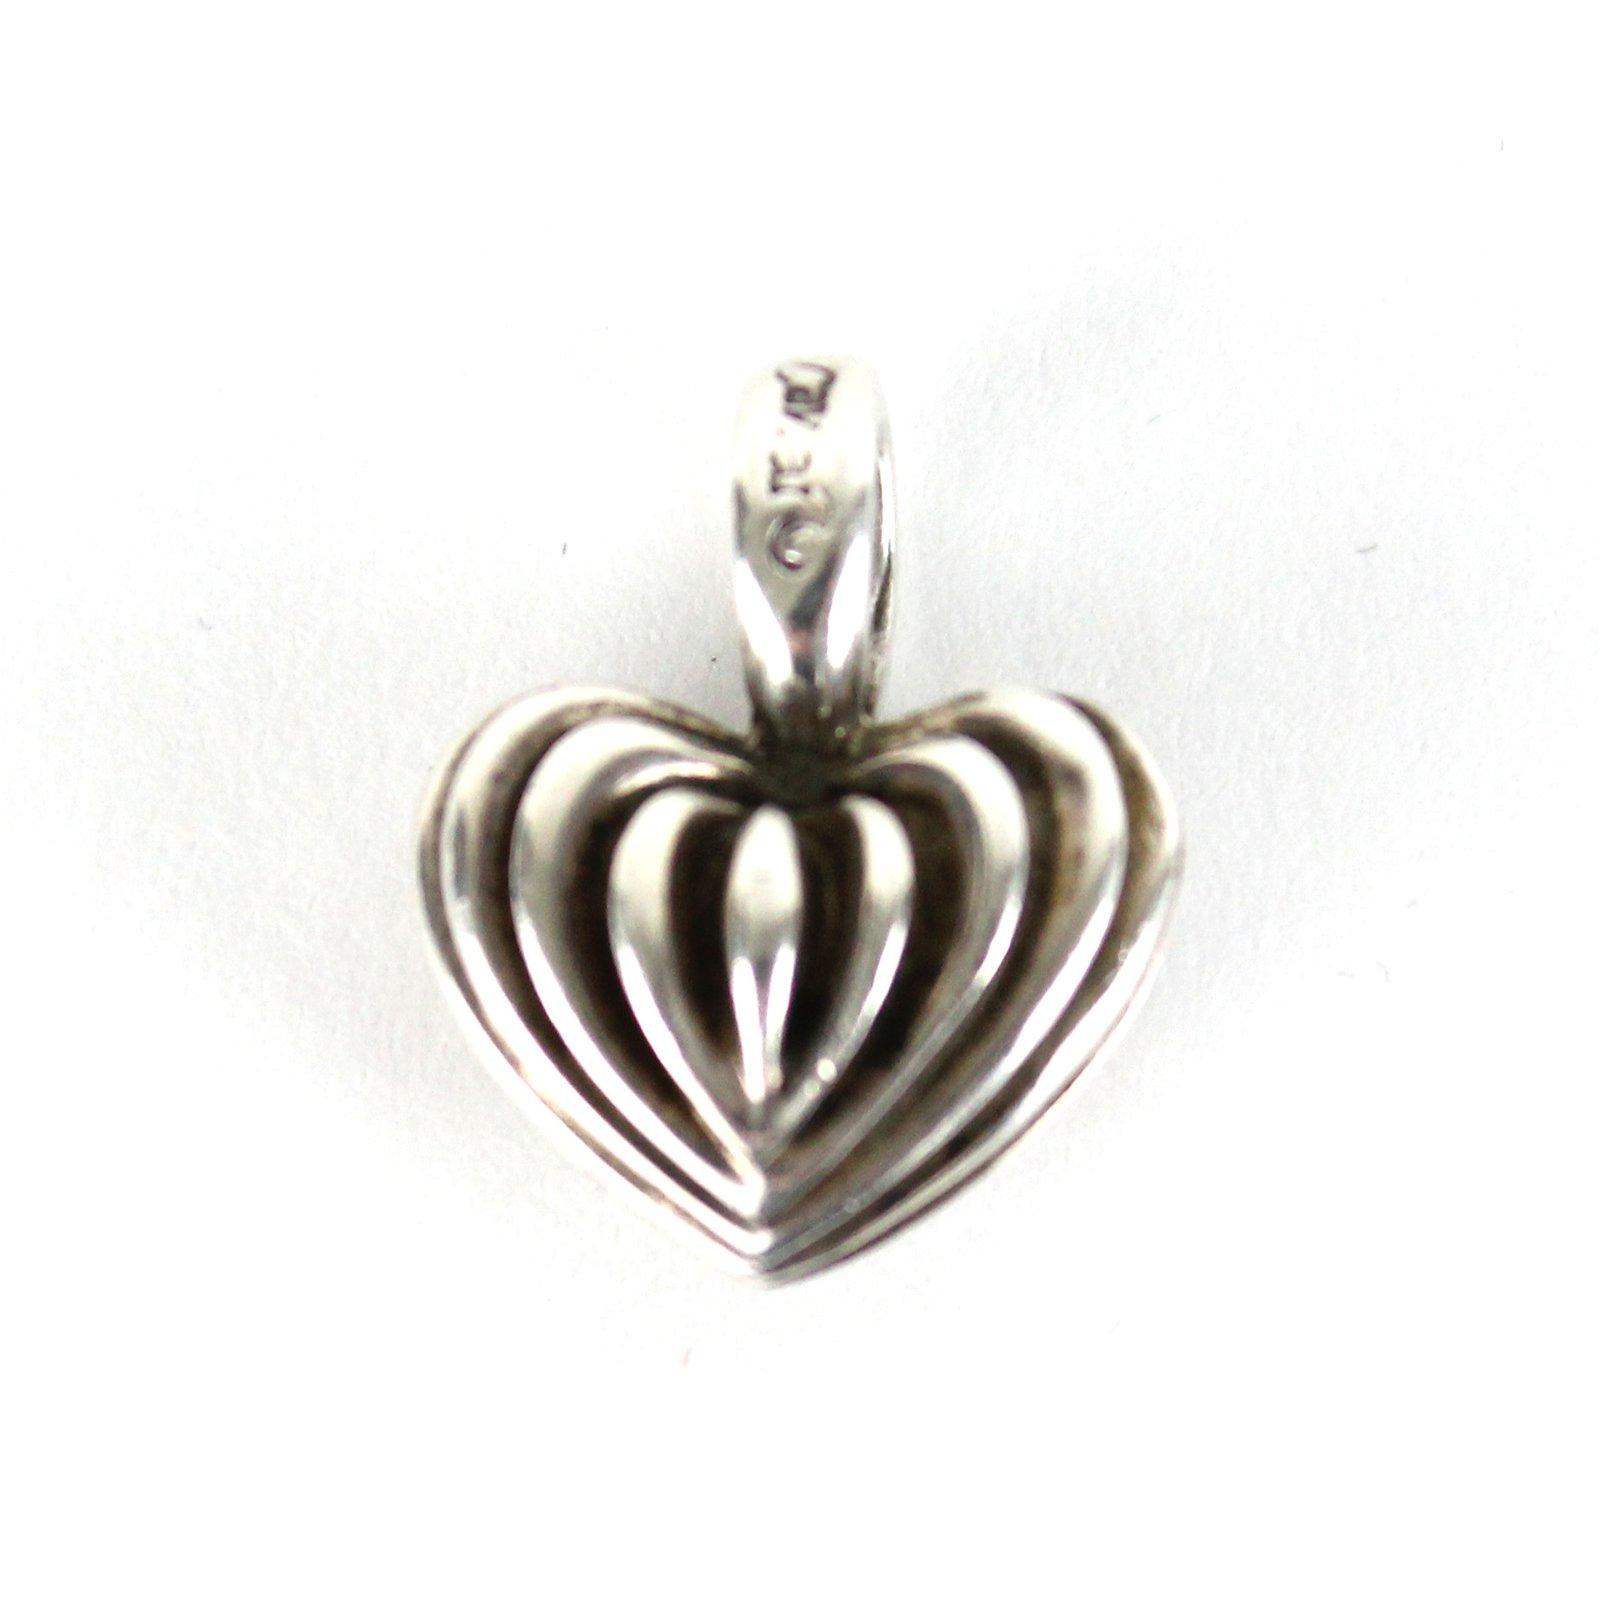 Lagos pendant necklaces pendant necklaces silver silvery ref5242 lagos pendant necklaces pendant necklaces silver silvery ref5242 mozeypictures Images